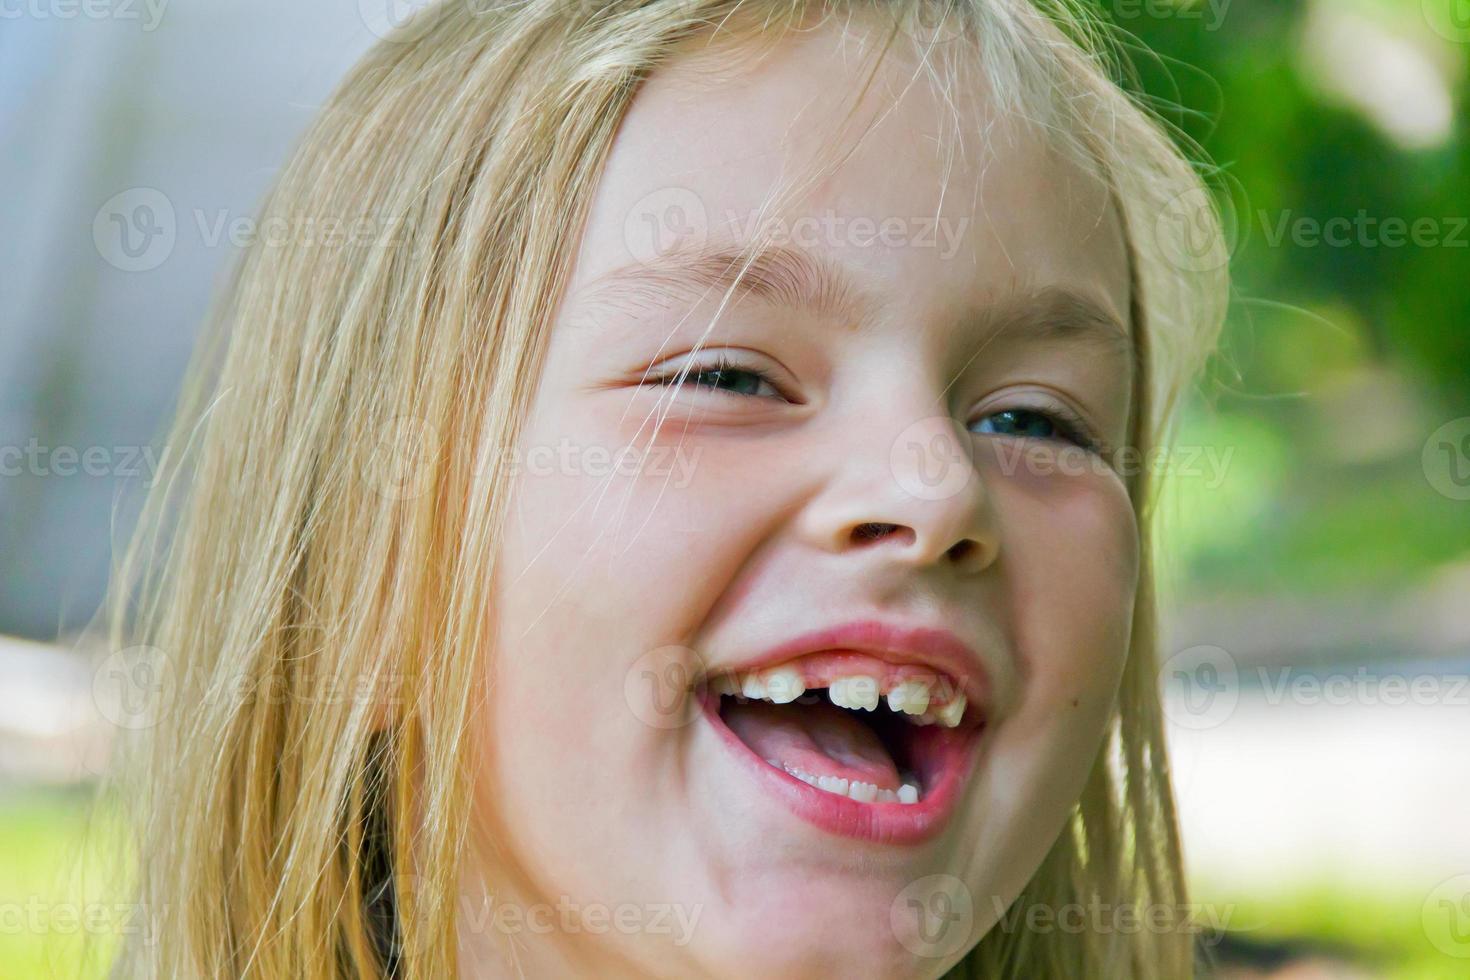 linda garota sorridente foto